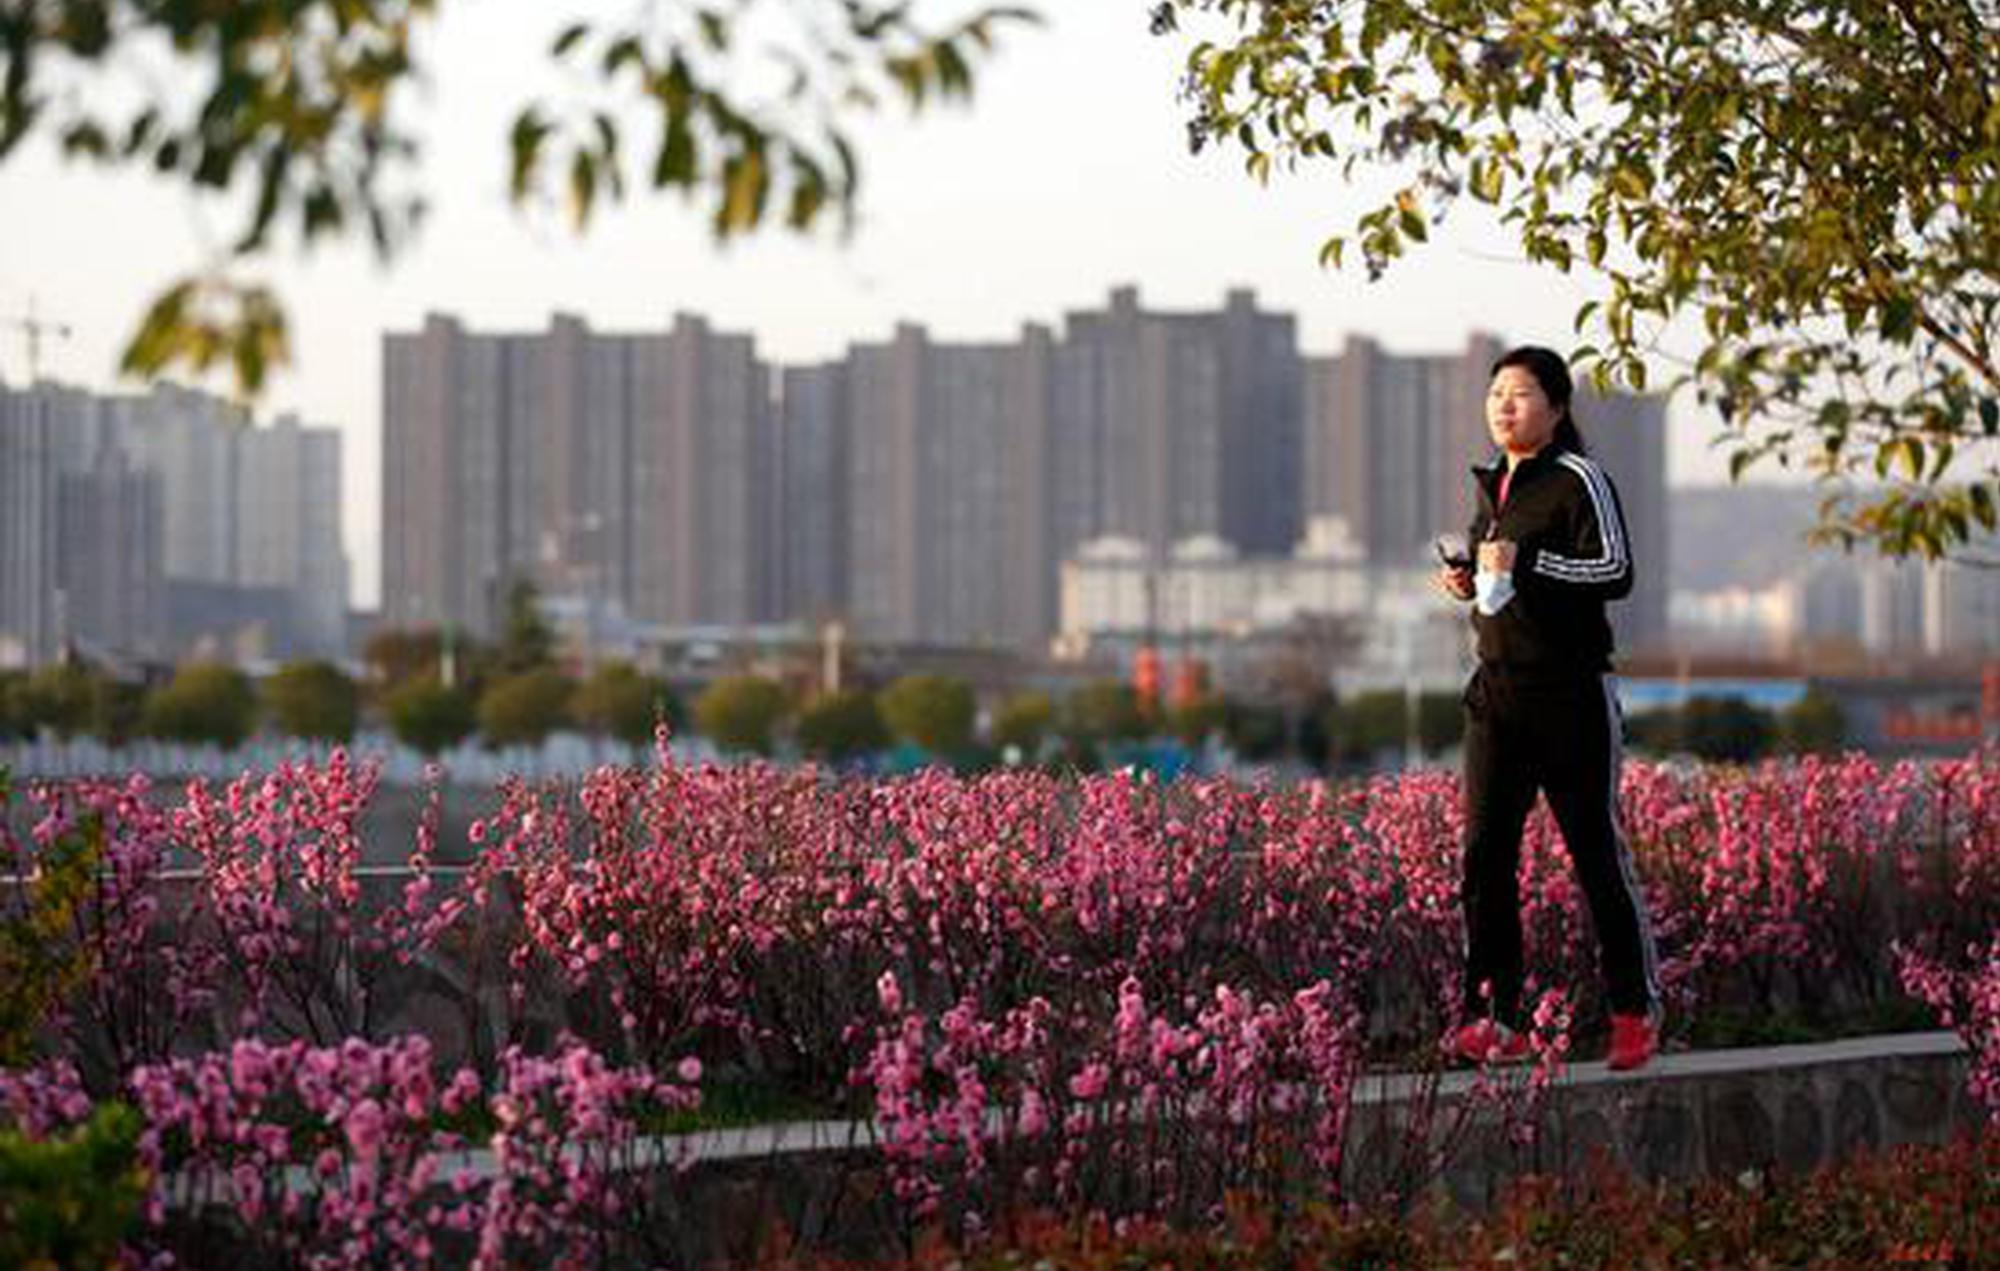 渭南:春分时节春意浓